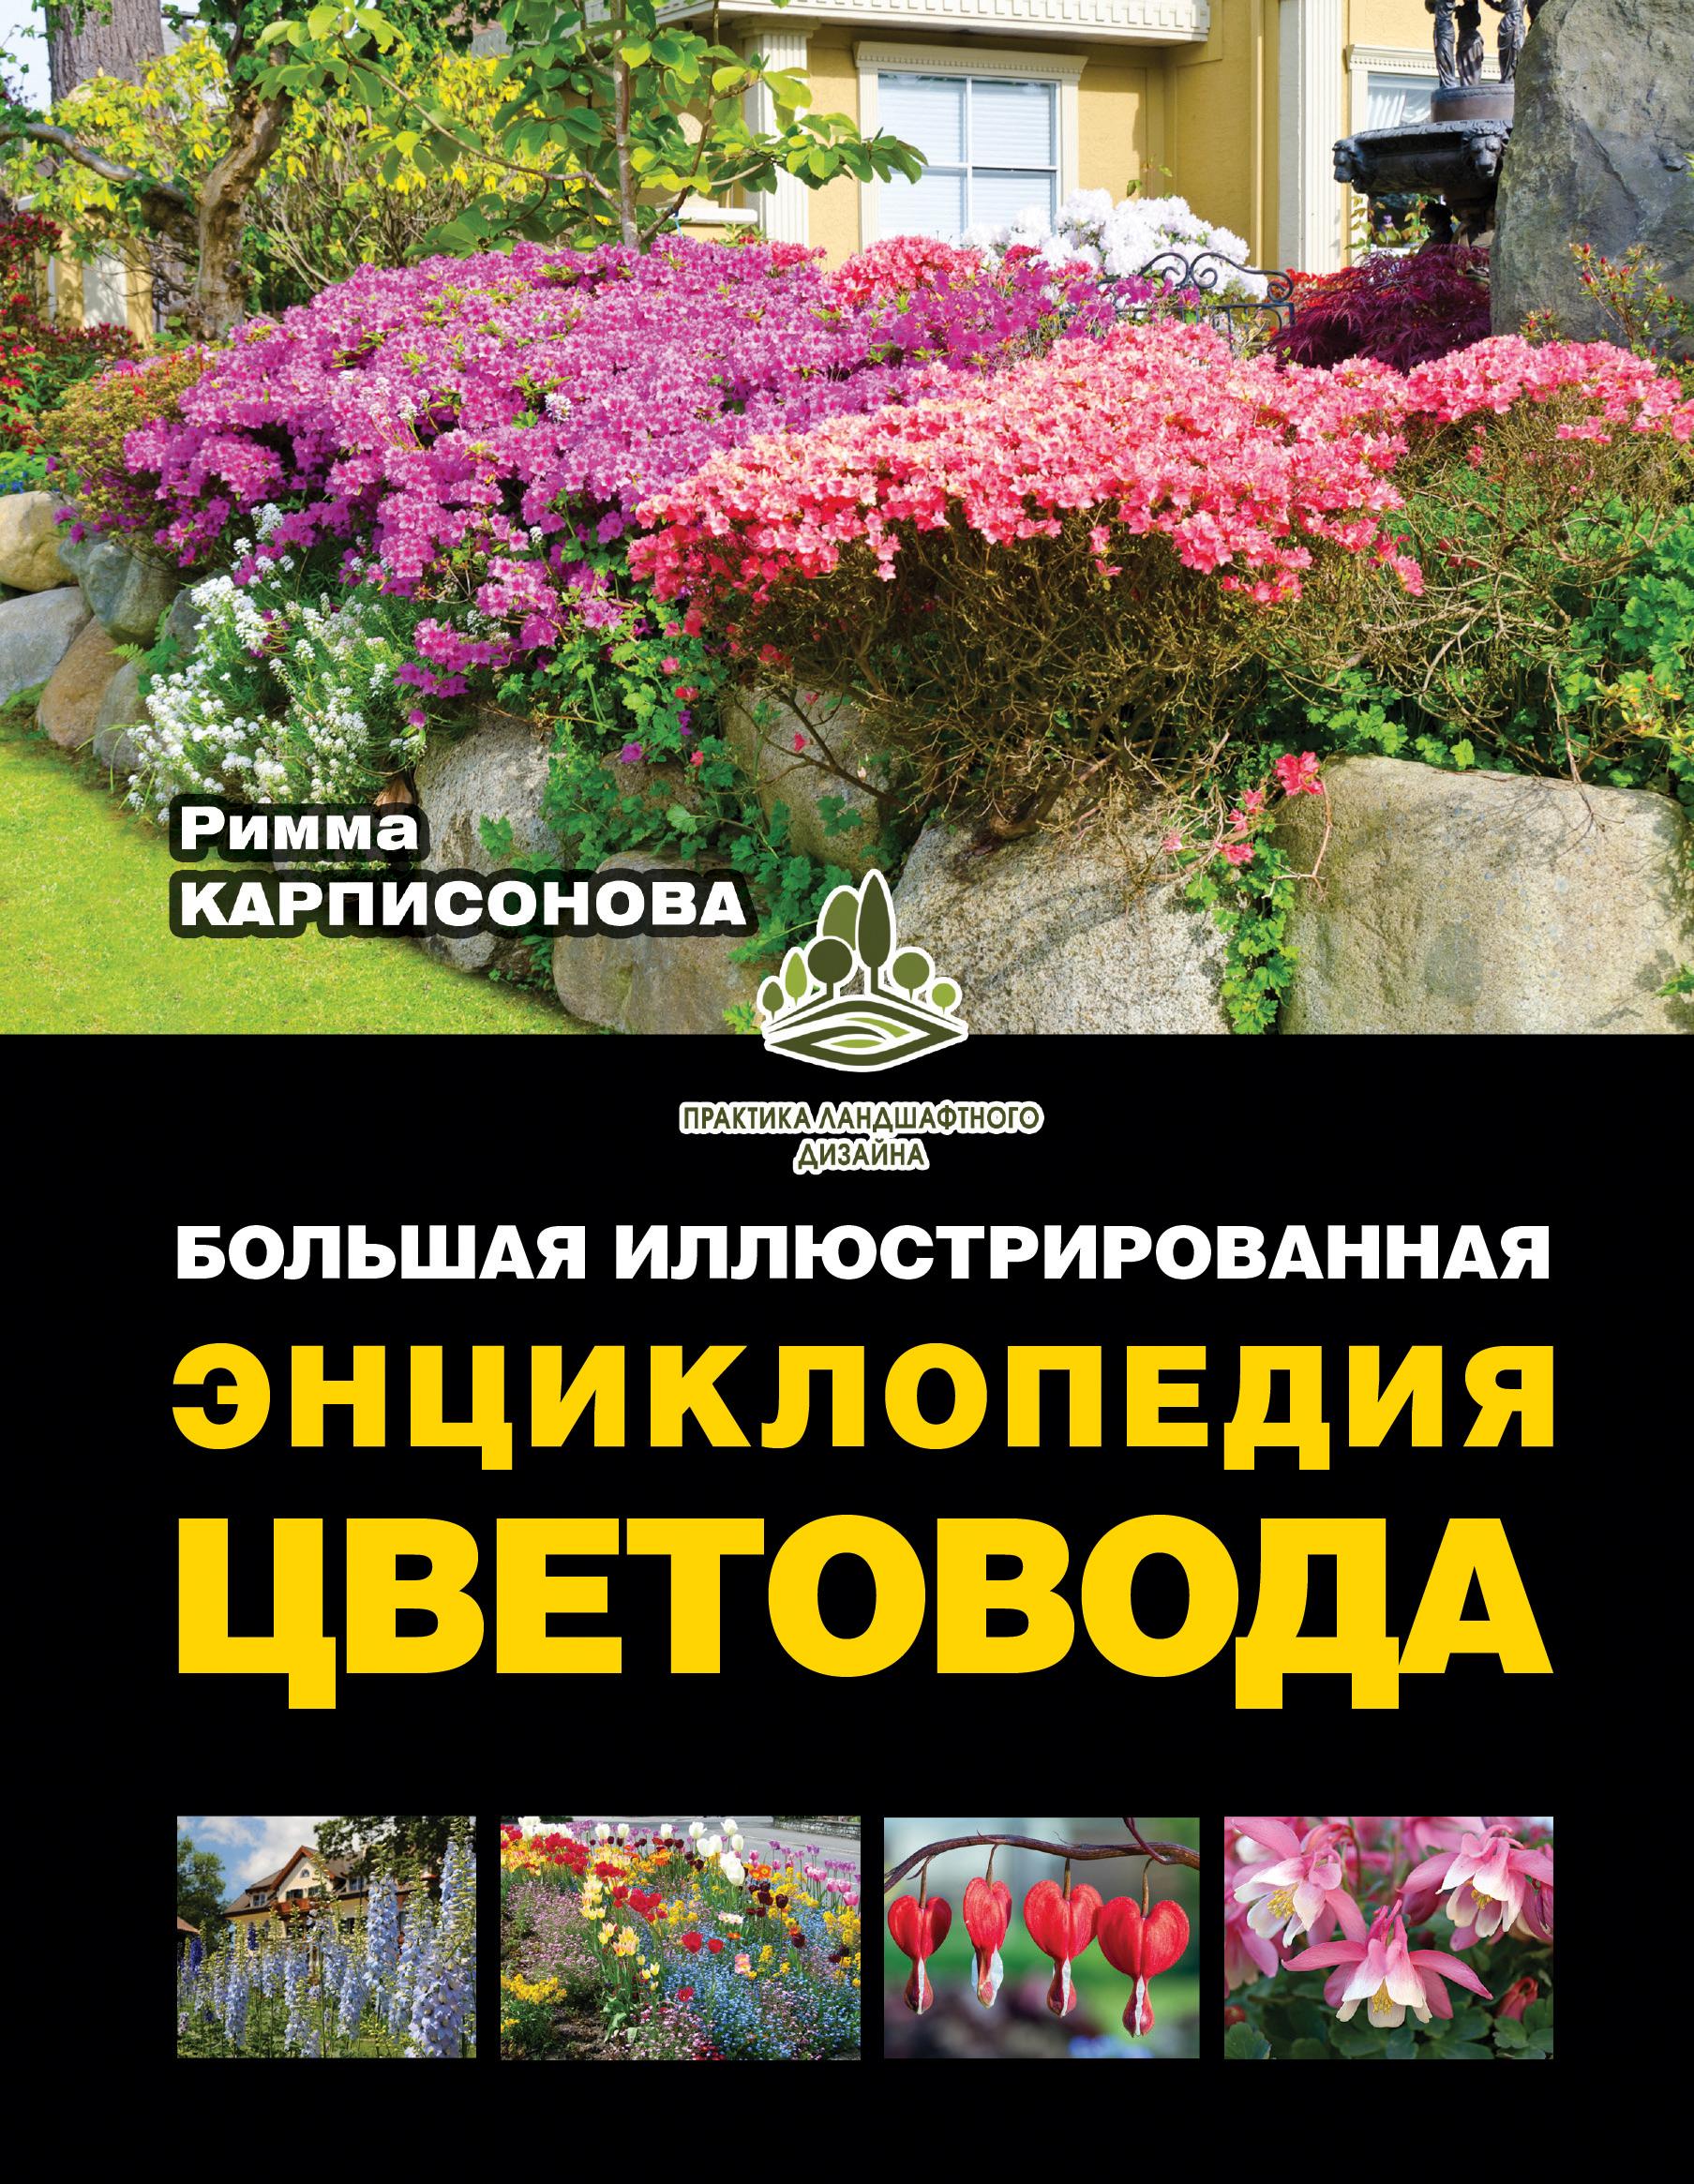 Большая иллюстрированная энциклопедия цветовода